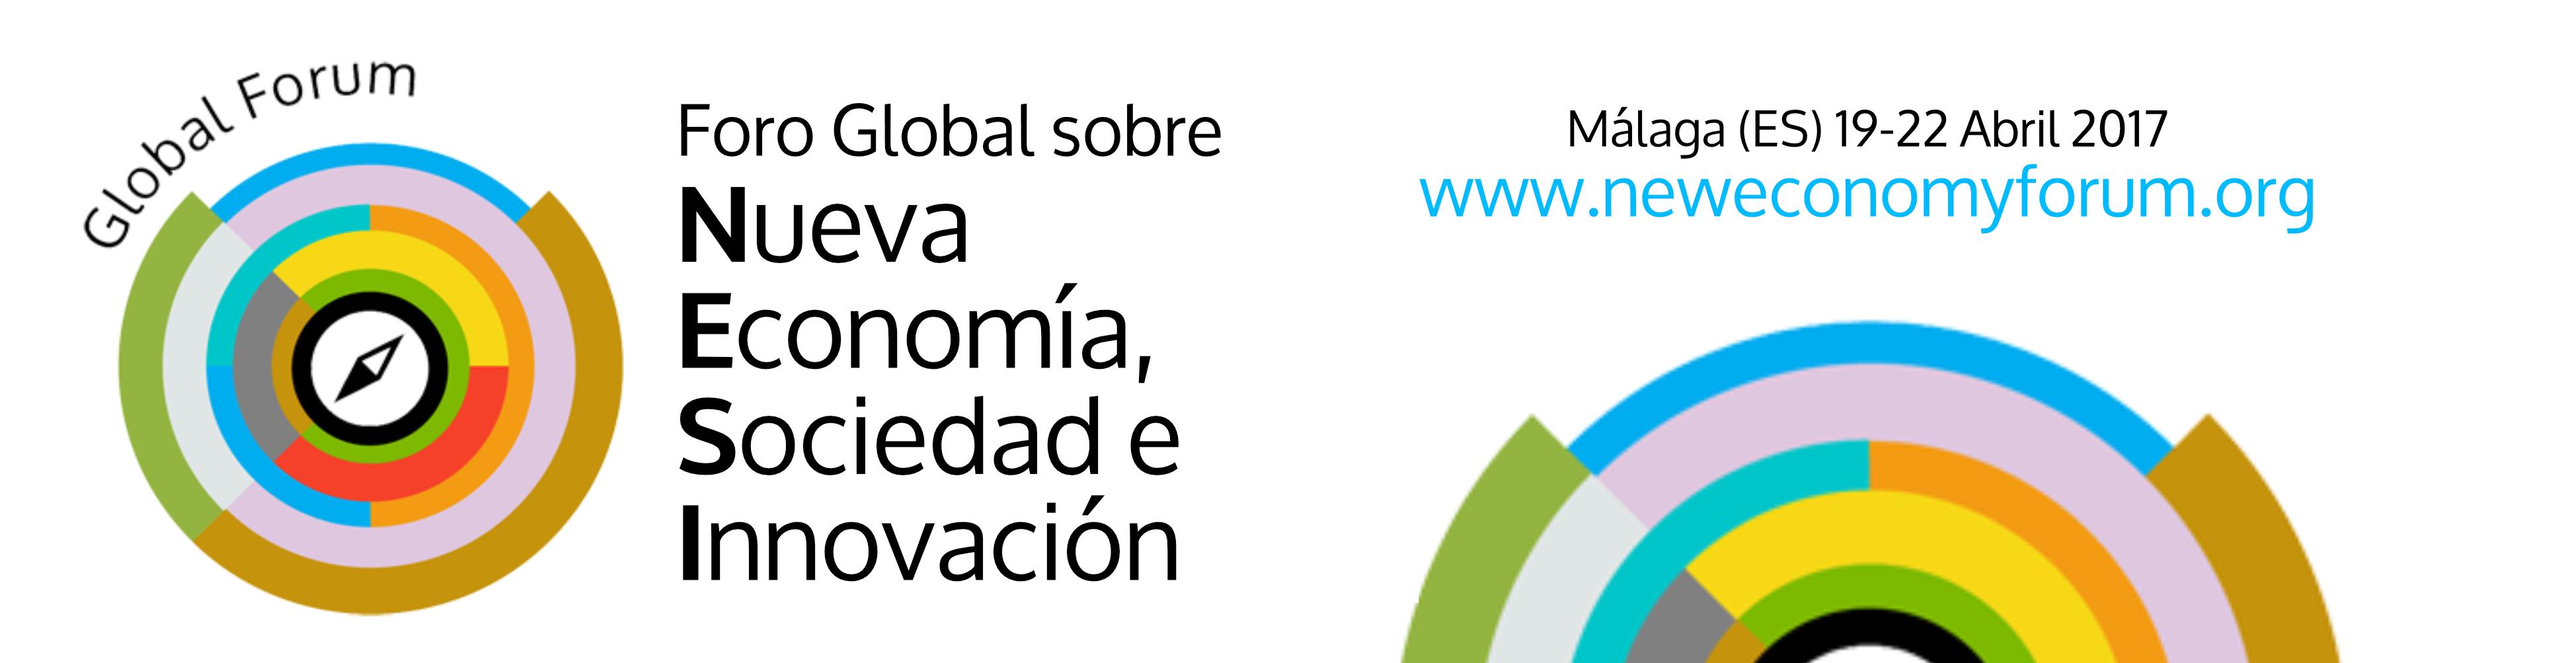 La Fundación EQUO colabora en el Foro NESI (Nueva Economía, Sociedad e Innovación)